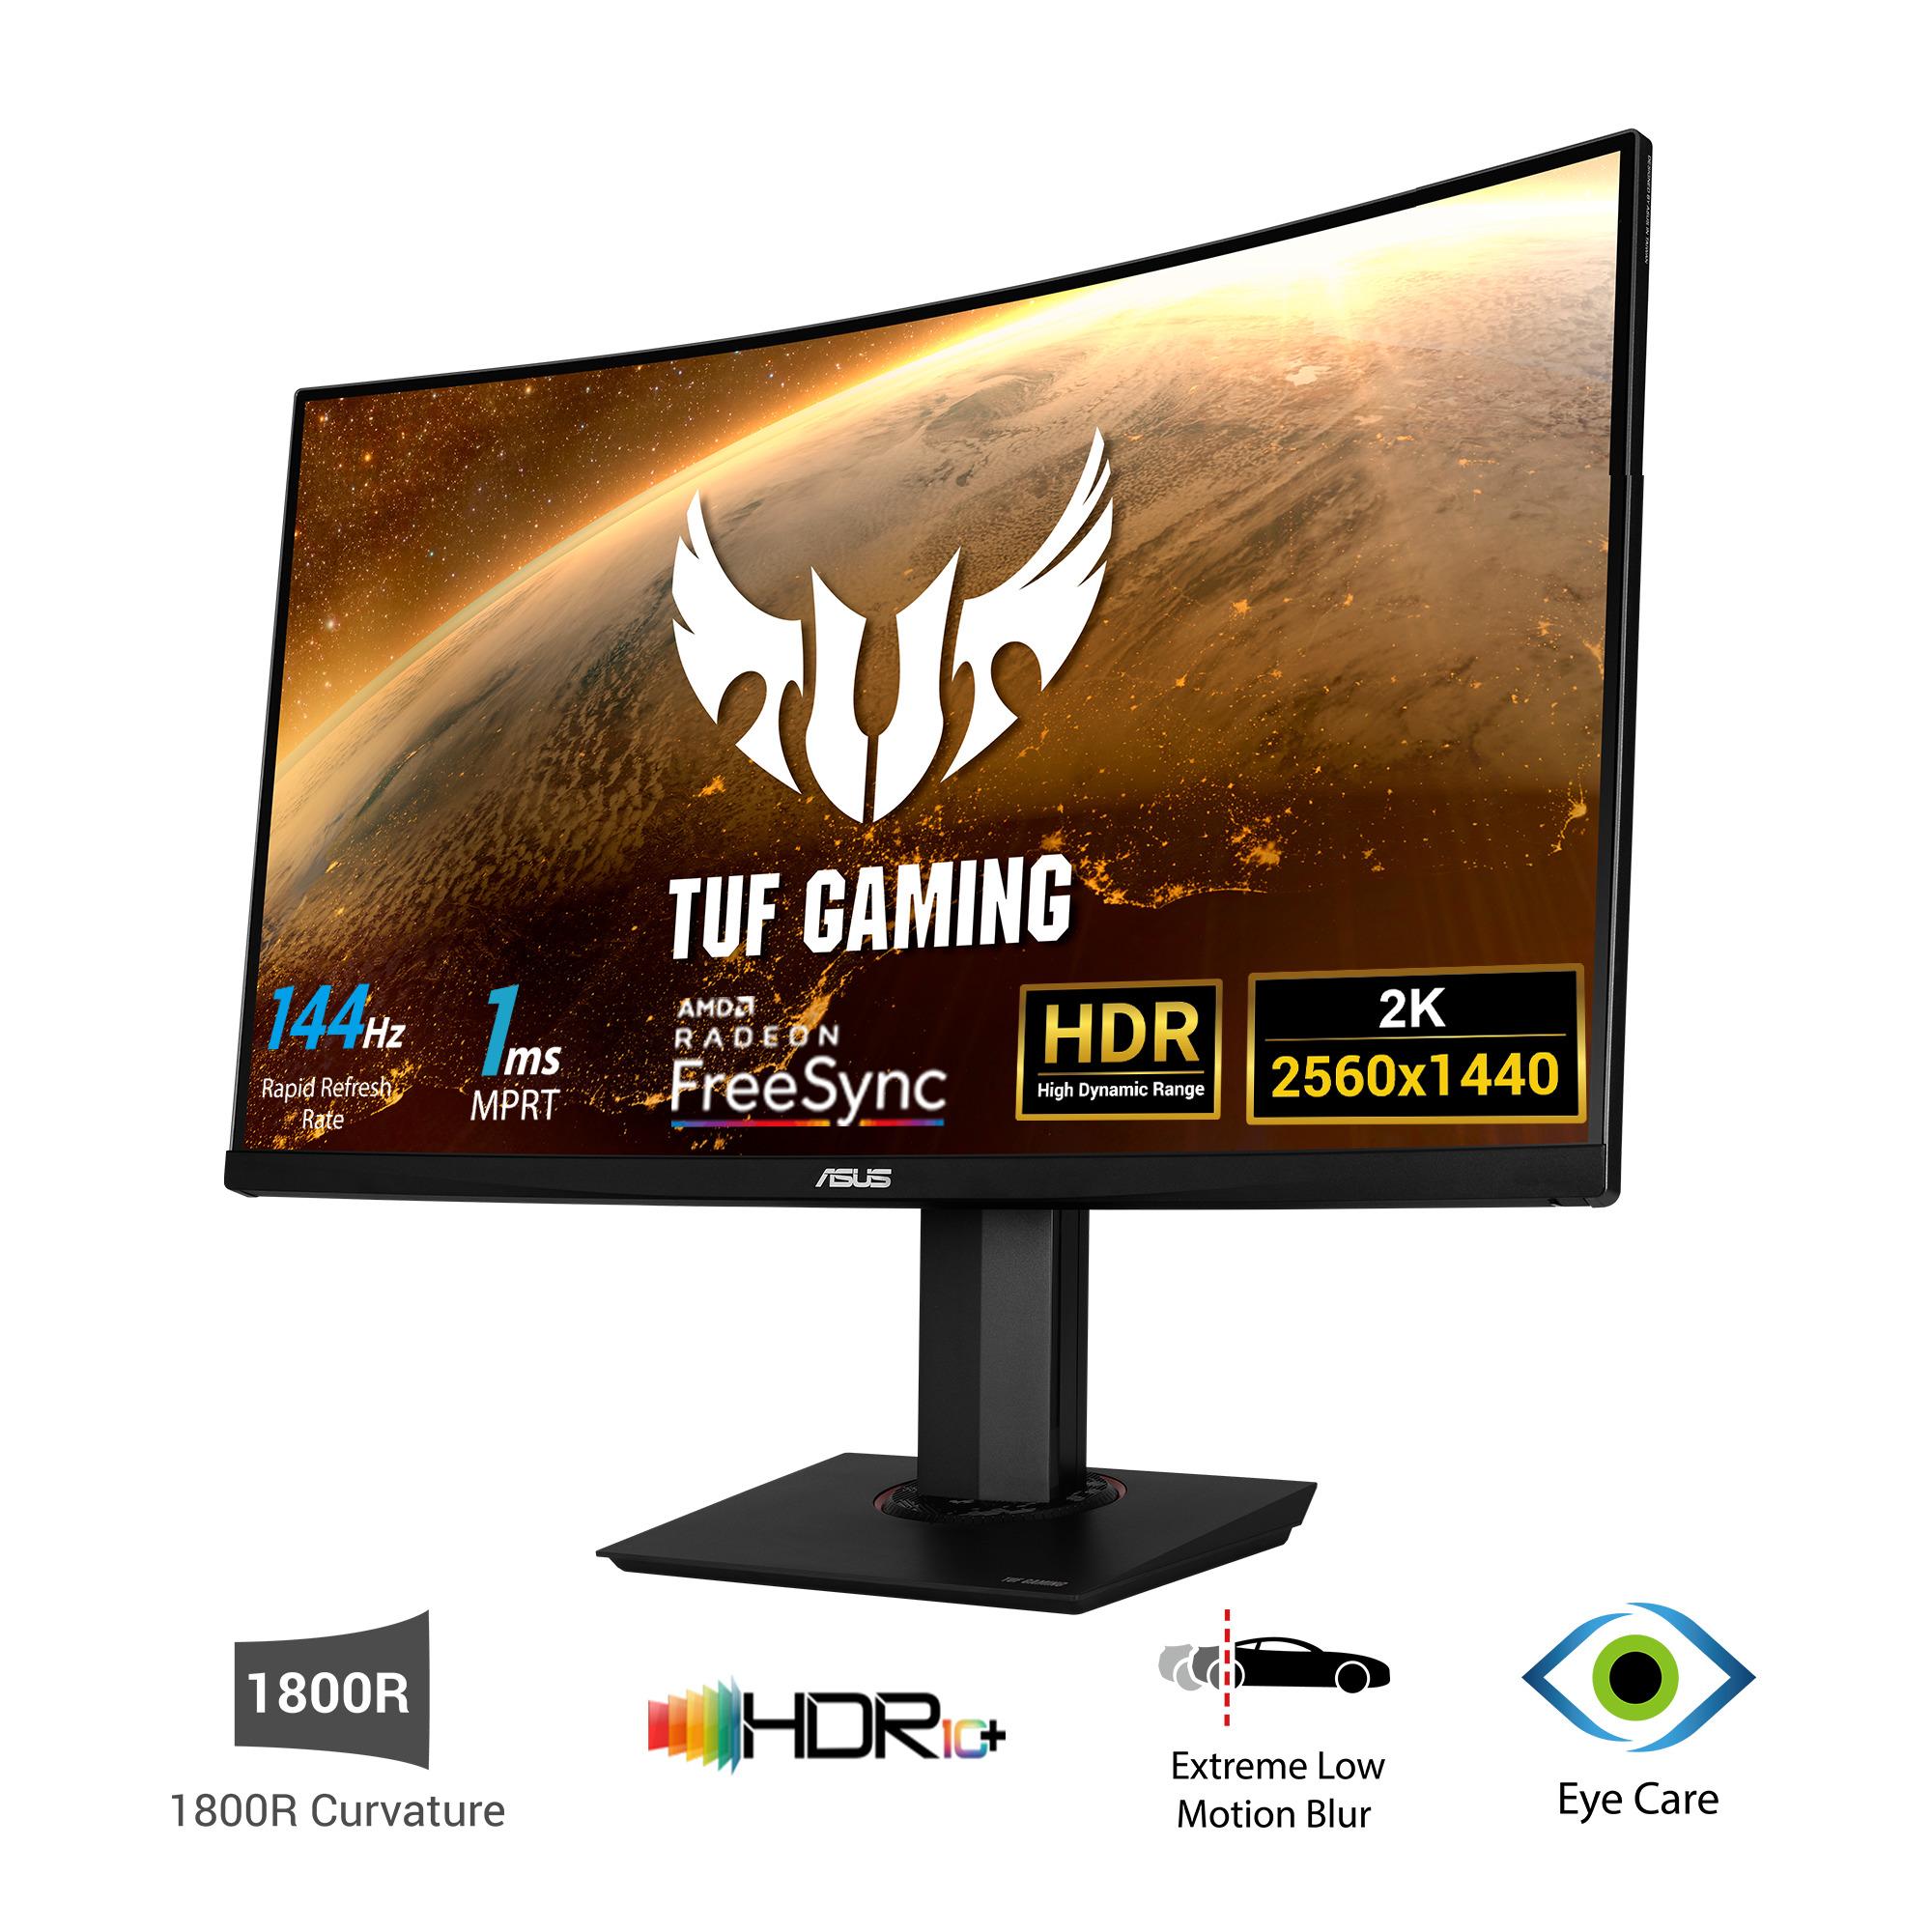 Asus TUF GAMING VG32VQ – 2K 144Hz - HDR